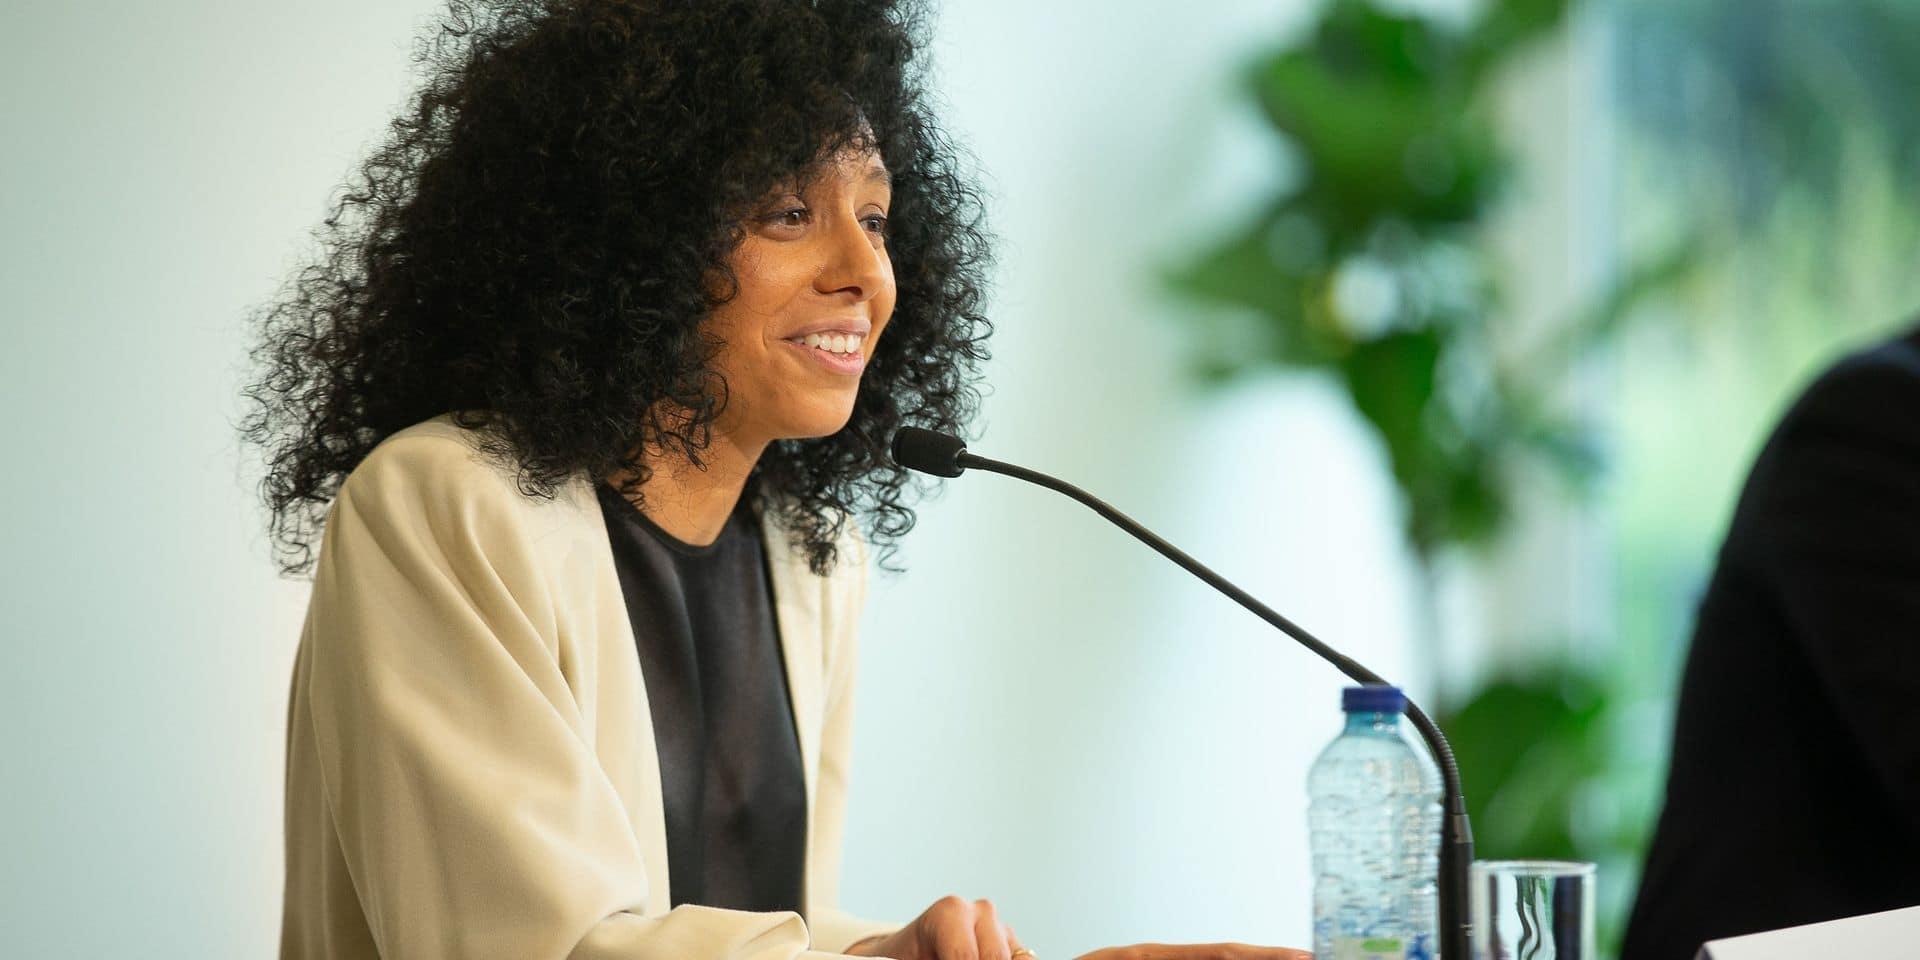 """La Ville d'Anvers confirme de """"possibles malversations"""" liées à l'ASBL de la députée anversoise Sihame El Kaouakibi : """"Notre confiance a été abusée"""""""